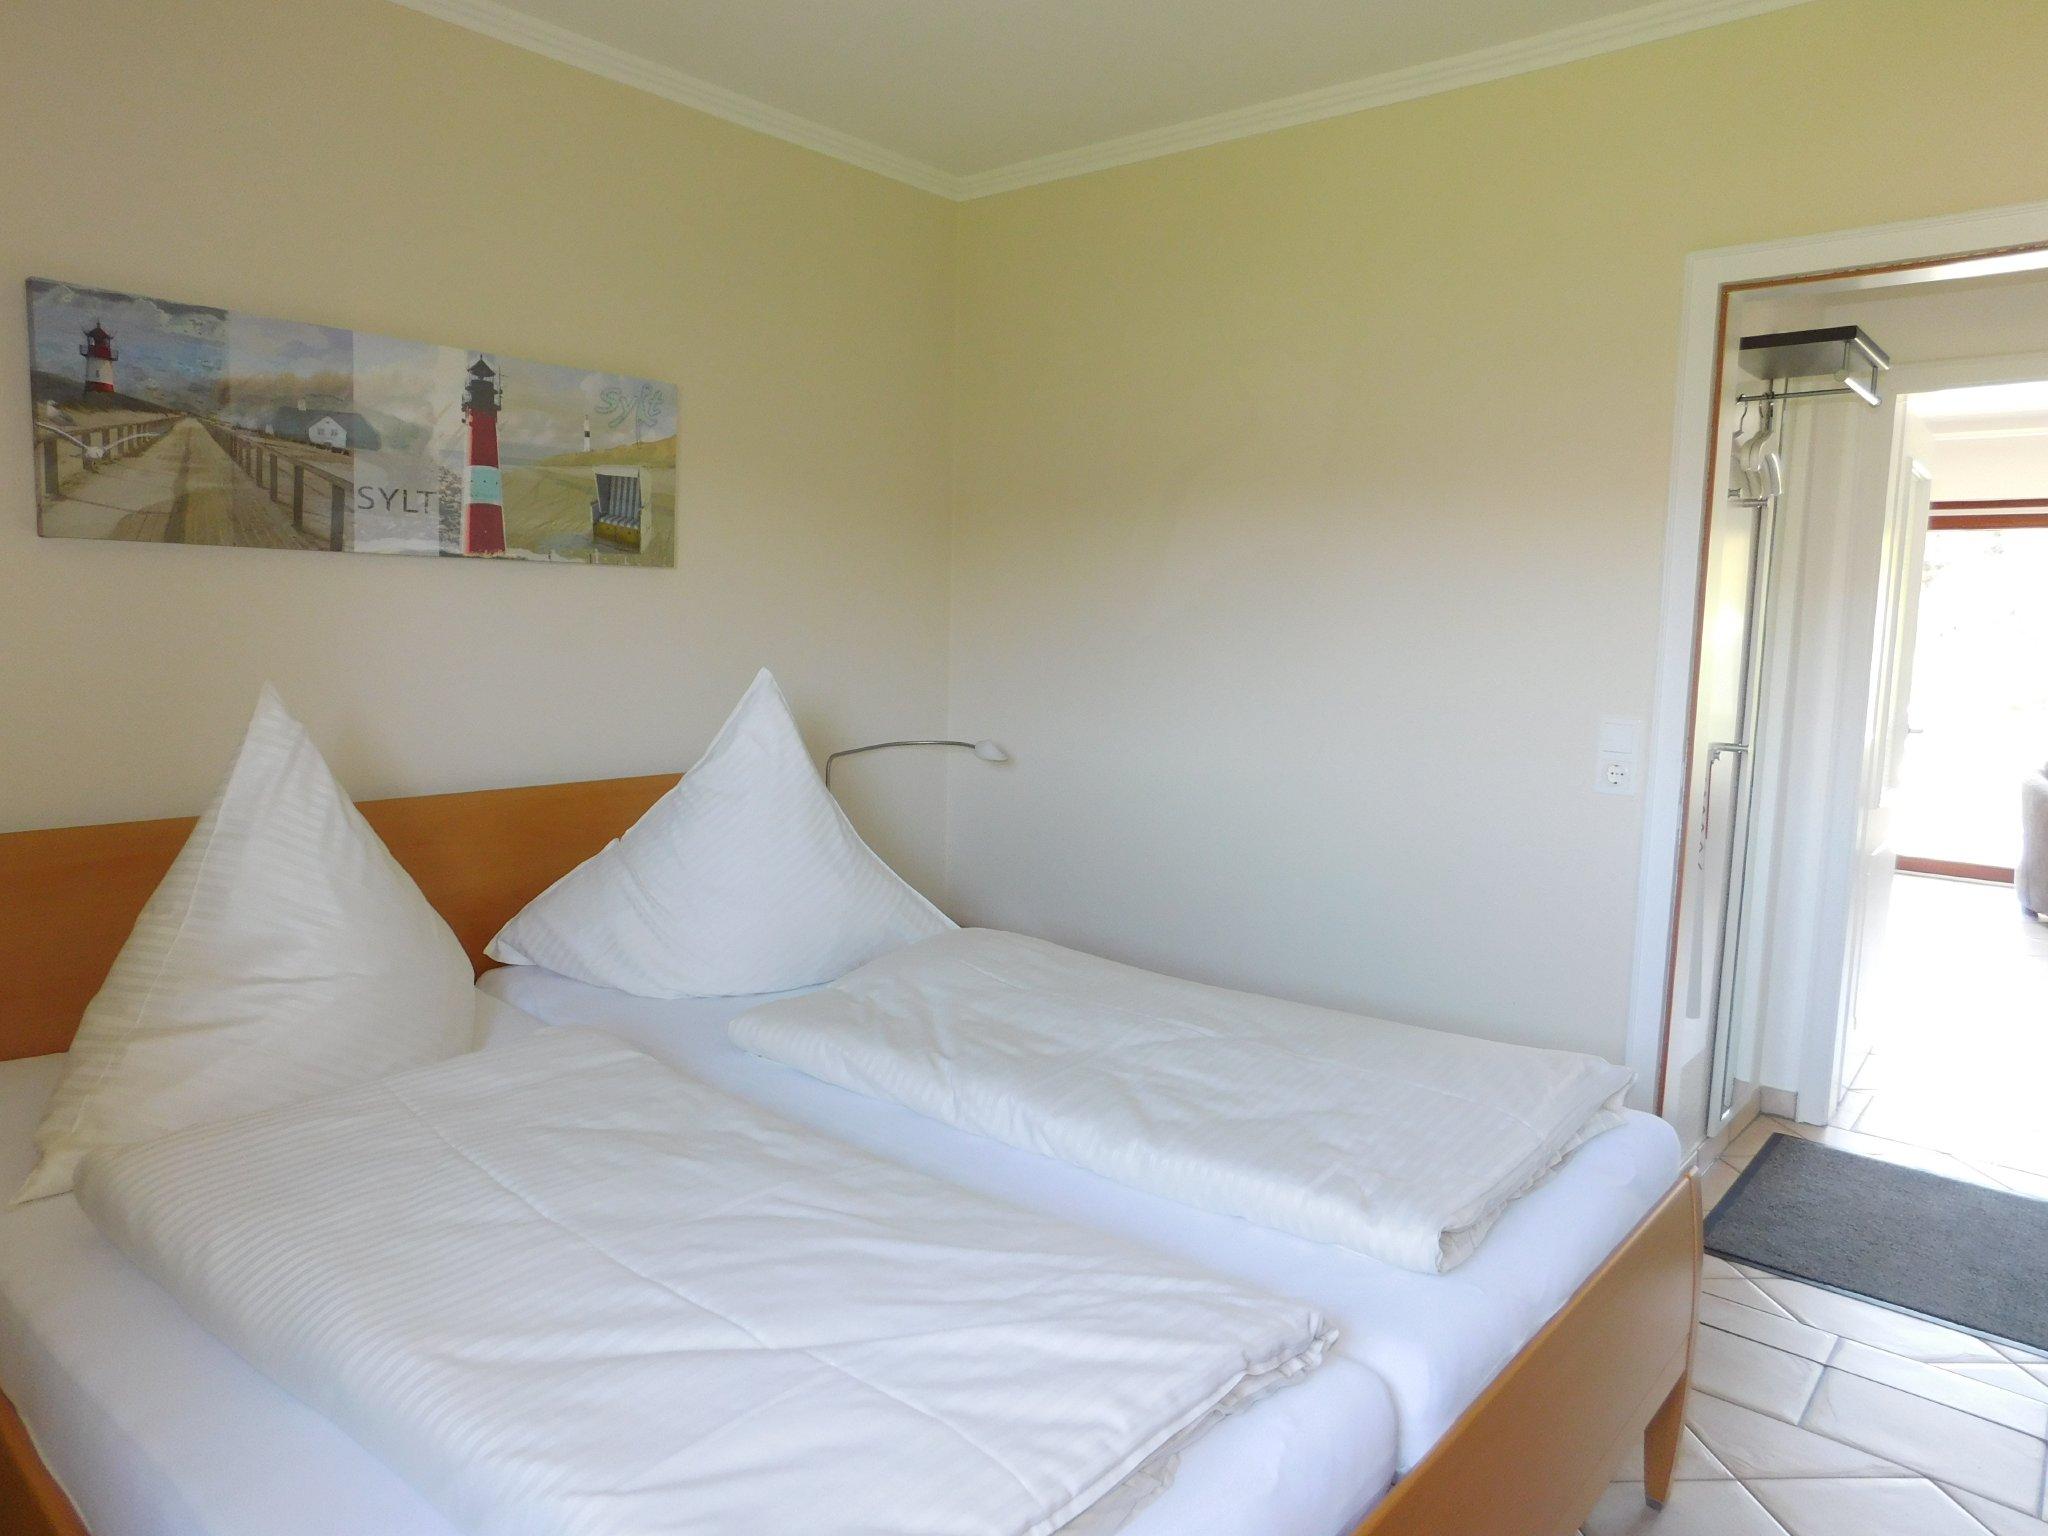 Schlafzimmer im UG mit Laminatboden